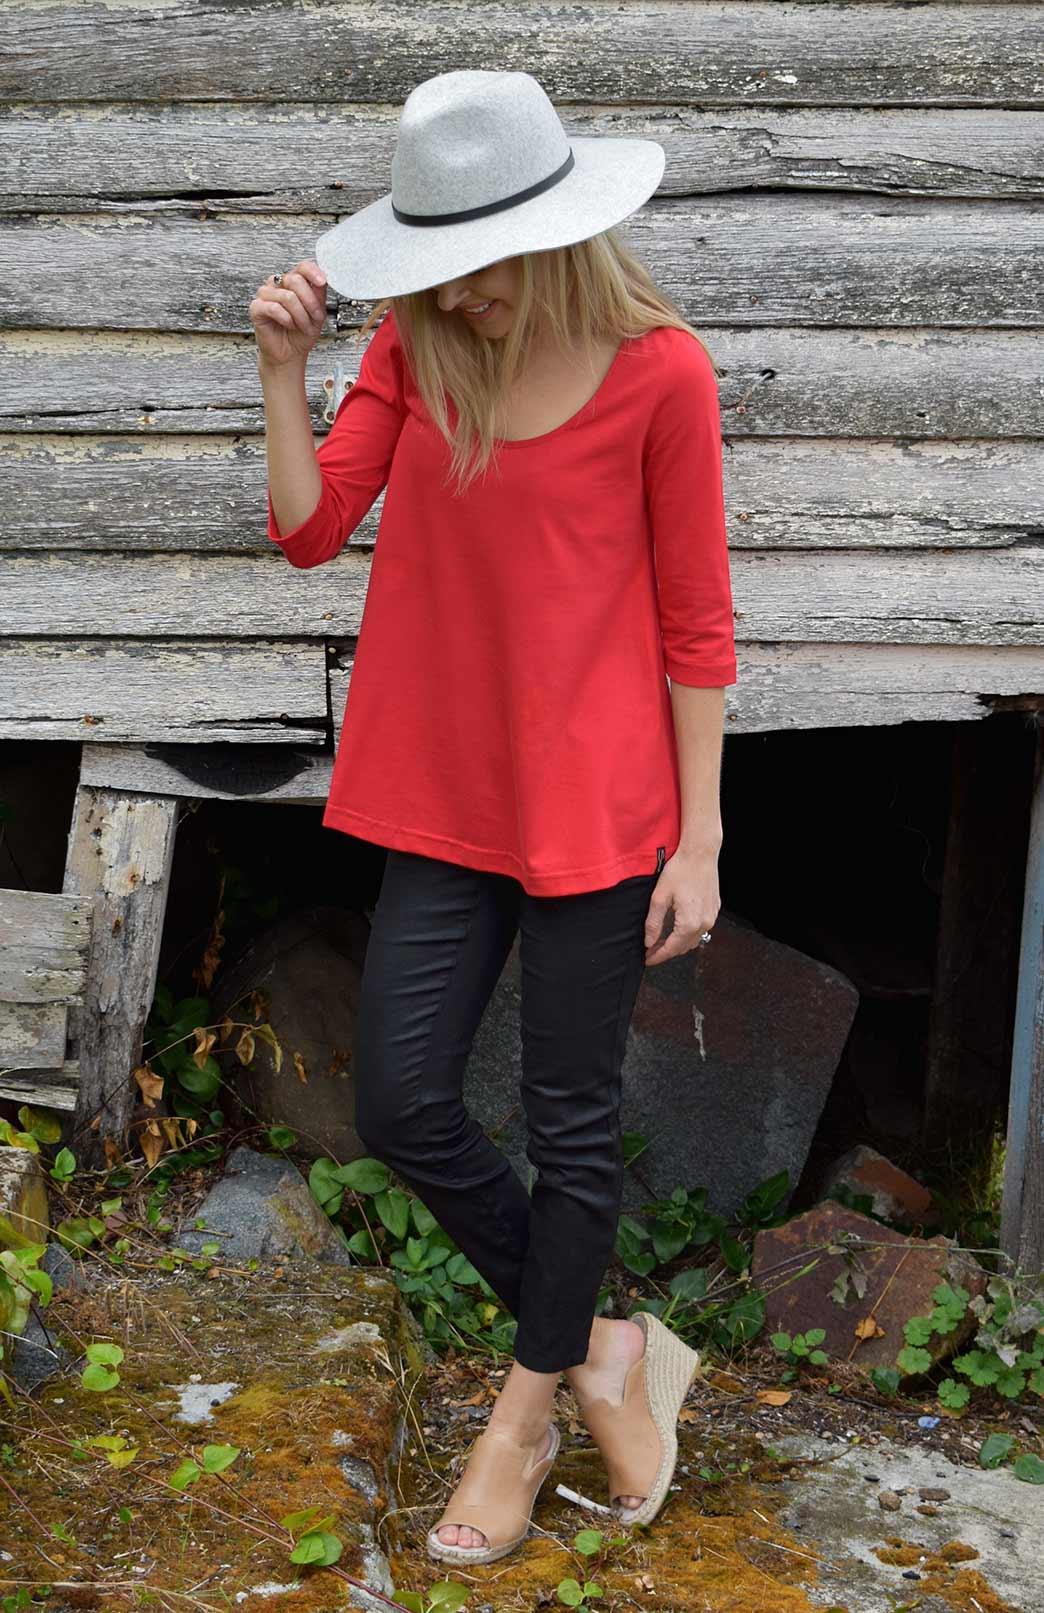 Rennie Top - Organic Cotton - Women's Organic Cotton Vermilion Red 3/4 Sleeved Swing Top with Scooped Neckline - Smitten Merino Tasmania Australia